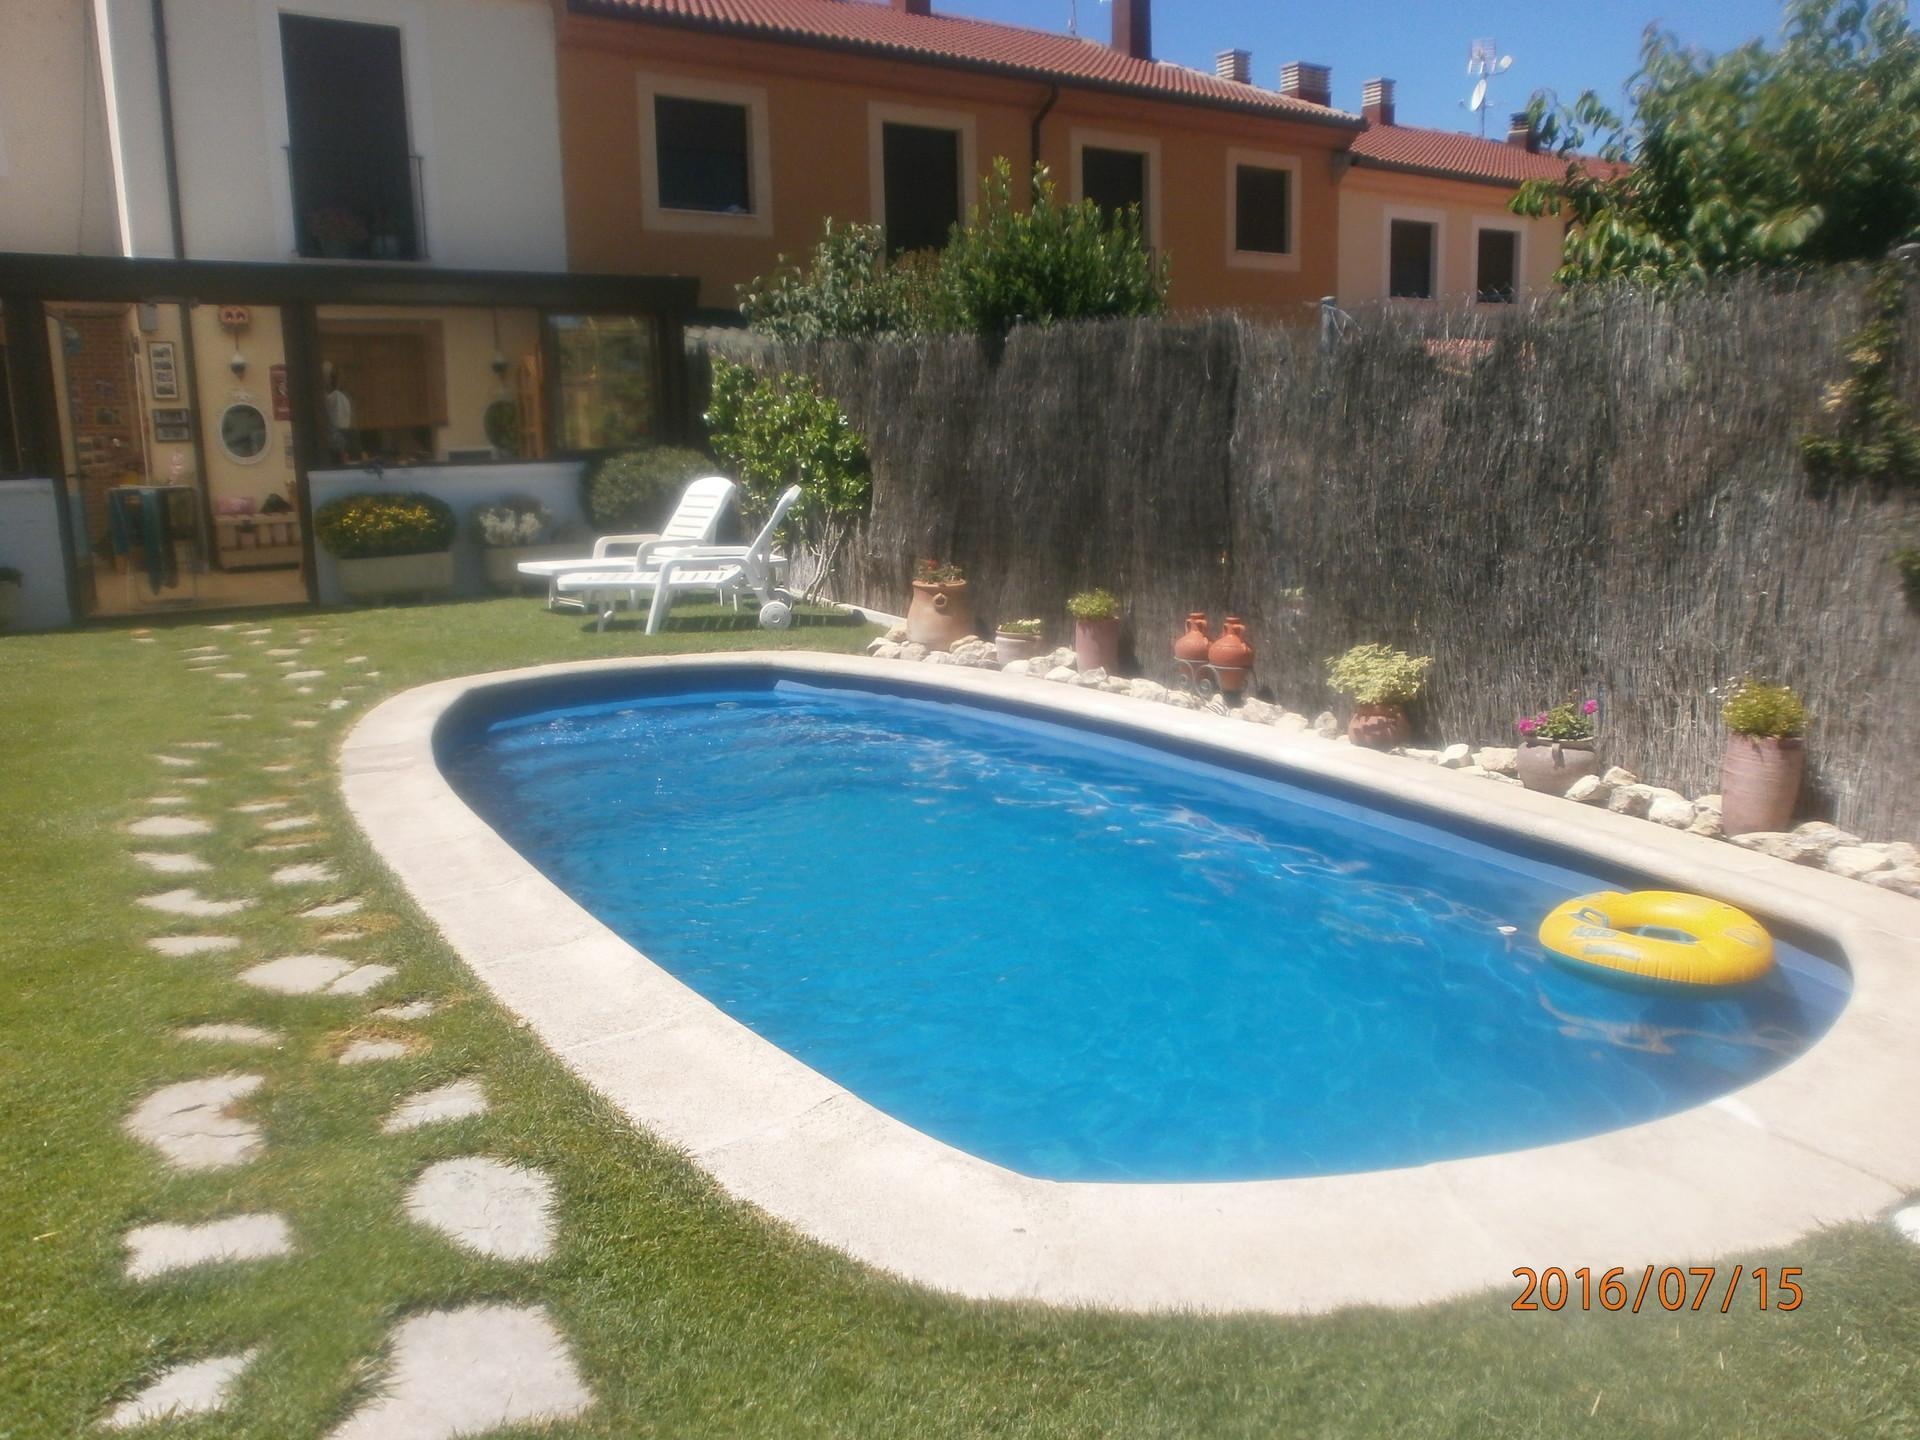 Chalet con jardin y piscina residencias universitarias for Chalets con piscina para alquilar en verano